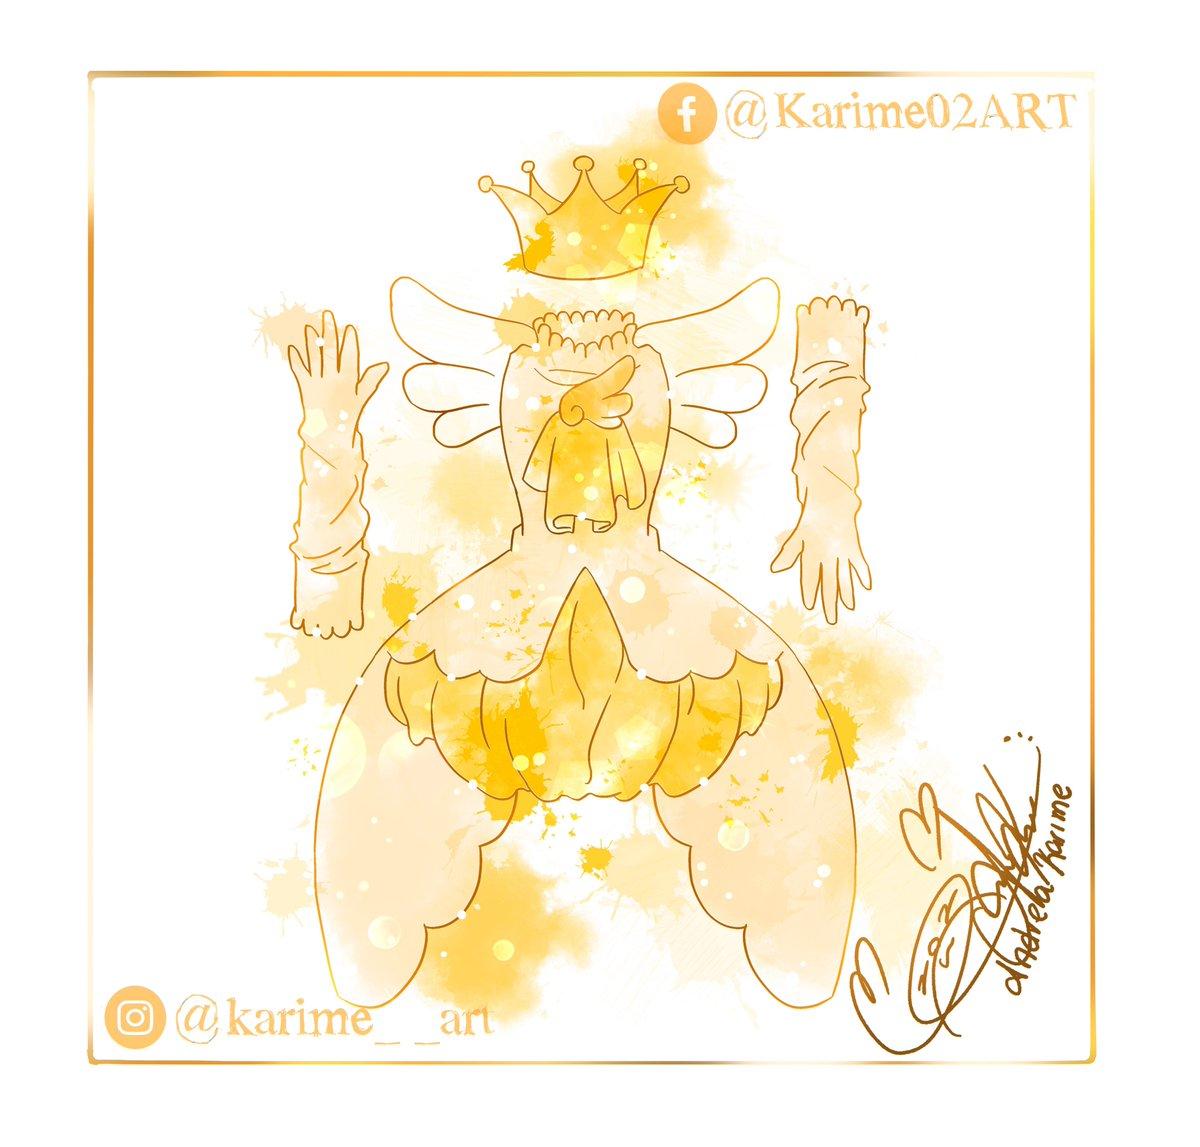 #SAKURA #ccさくら  #CardCaptorSakura #illustration #ilustración #dibujodigital #digitaldrawing #DigitalArtist #drawing #DrawThisInYourStyle #CLAMPの日 #draw #dibujo #anime #animegirl #FANART @SakuraCardCptor @ccsakura_info #カードキャプターさくら #CLAMP #ArtistOnTwitter